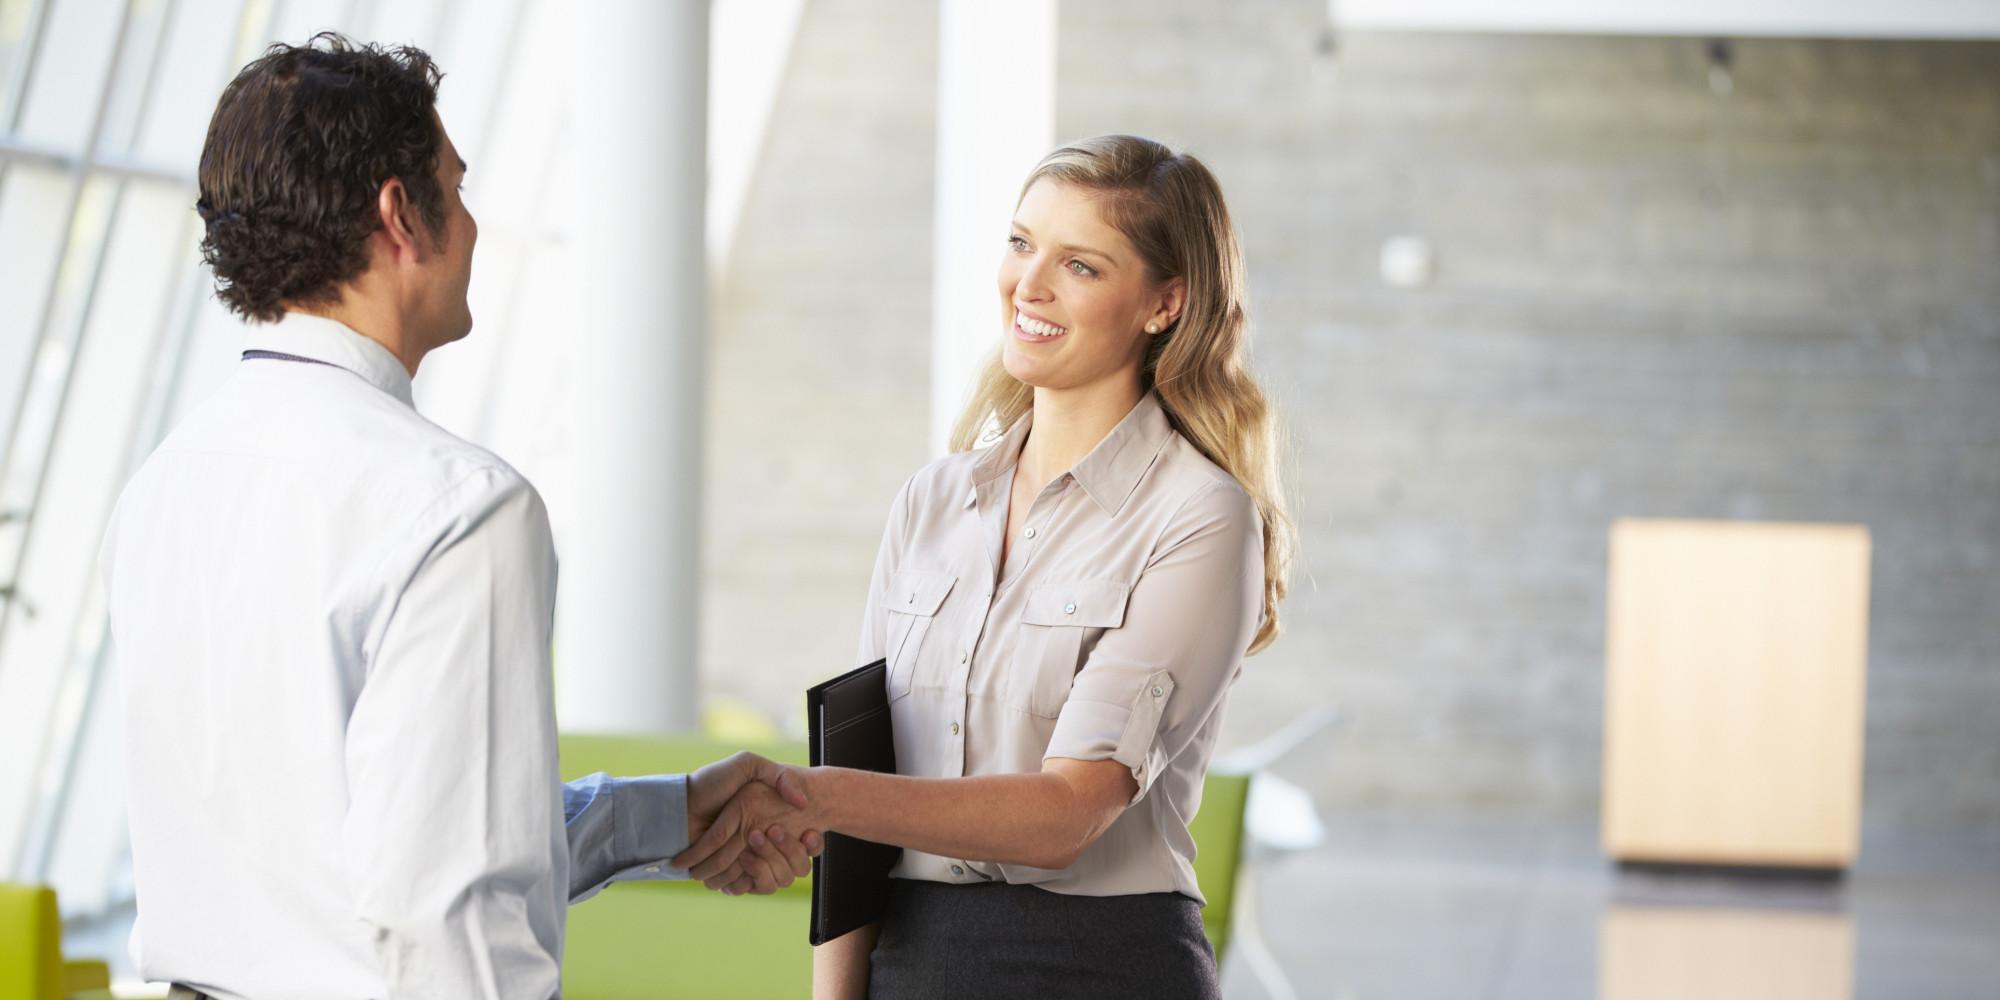 Homme serrant la main d'une femme, symbole des valeurs de VPN Entreprise